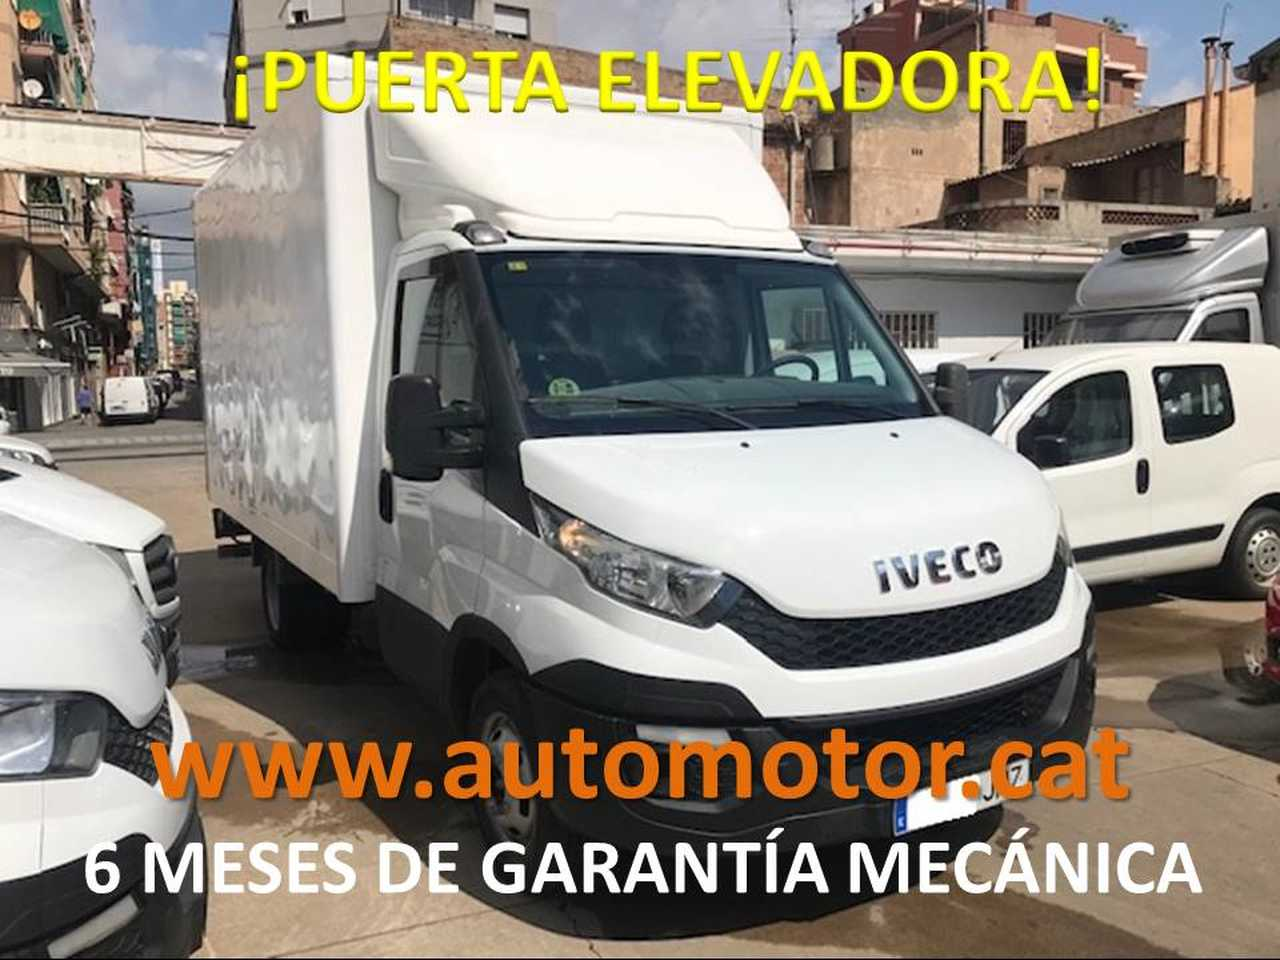 Iveco Daily Furgón 35C15 PUERTA ELEVADORA - GARANTIA MECANICA  - Foto 1